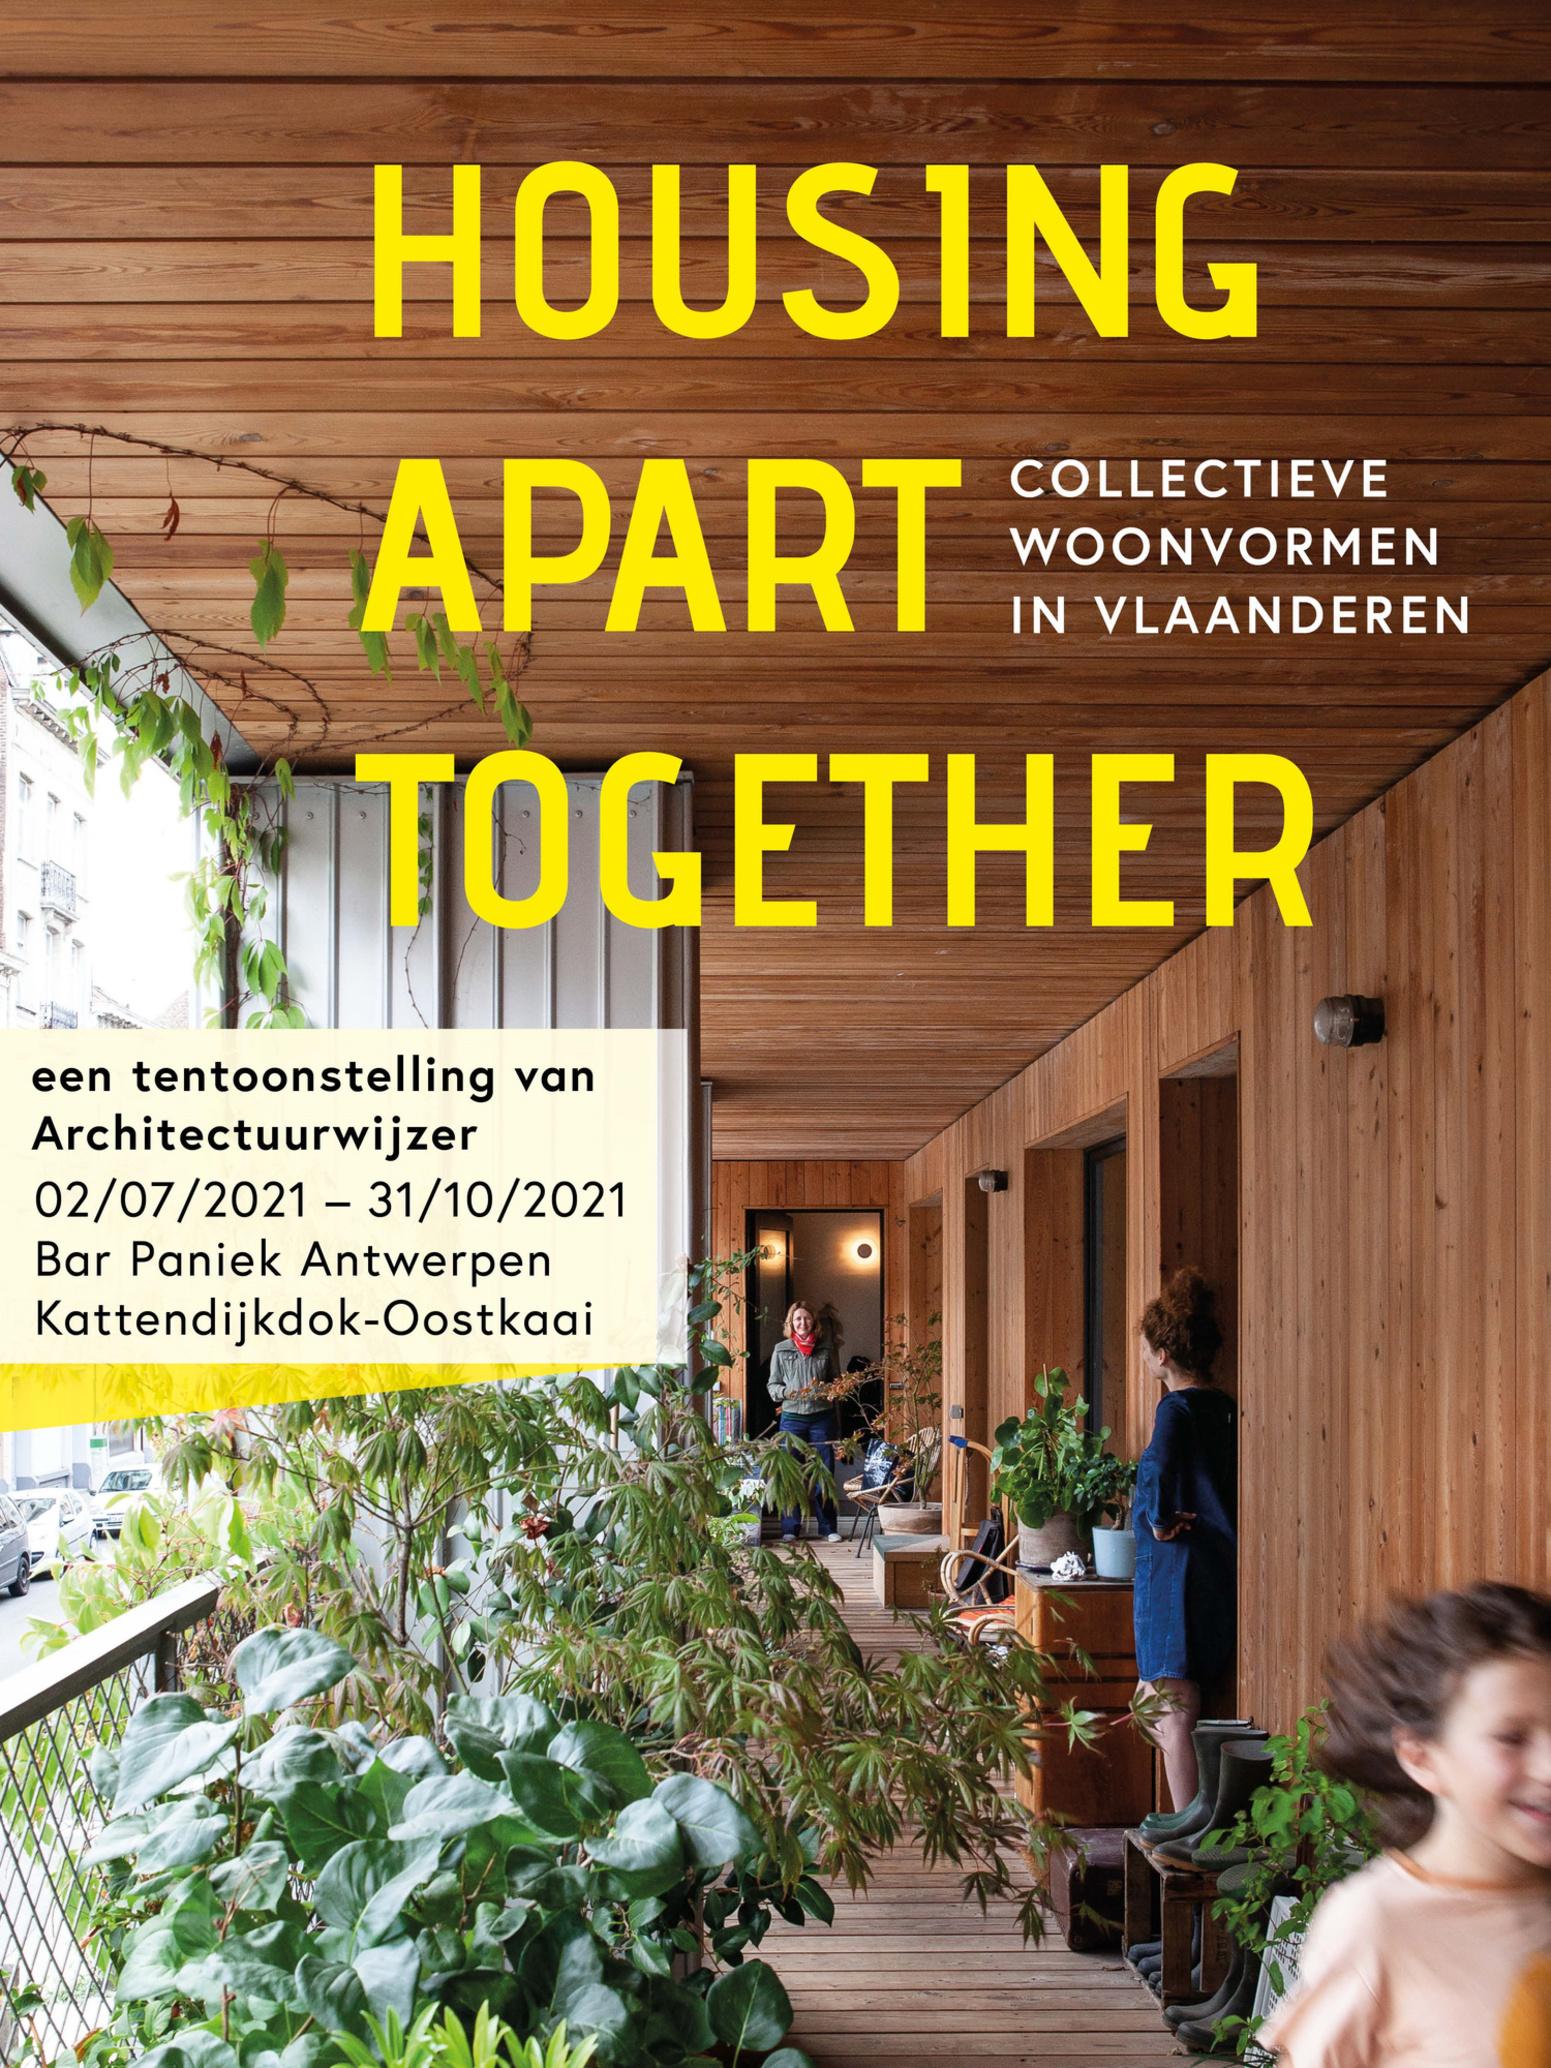 Affiche Housing Apart Together Antwerpen, Brecht Van Maele